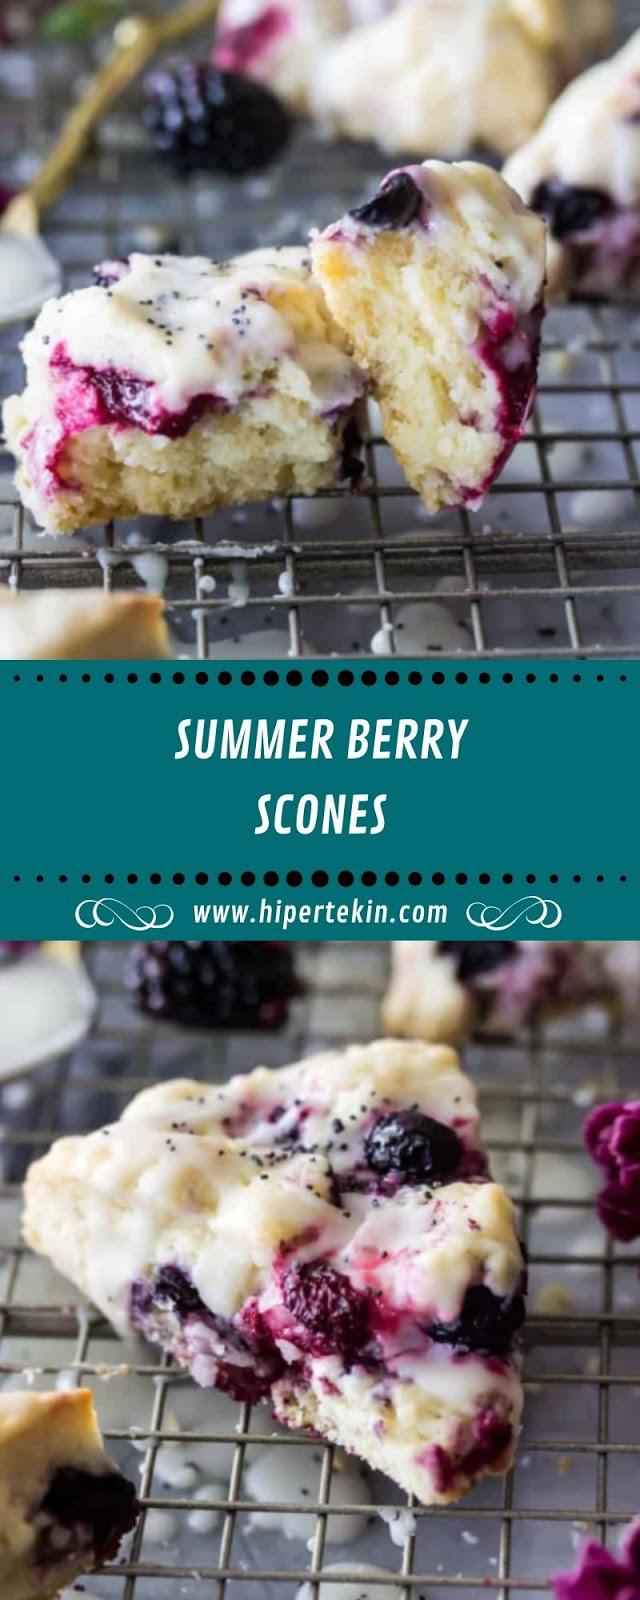 SUMMER BERRY SCONES